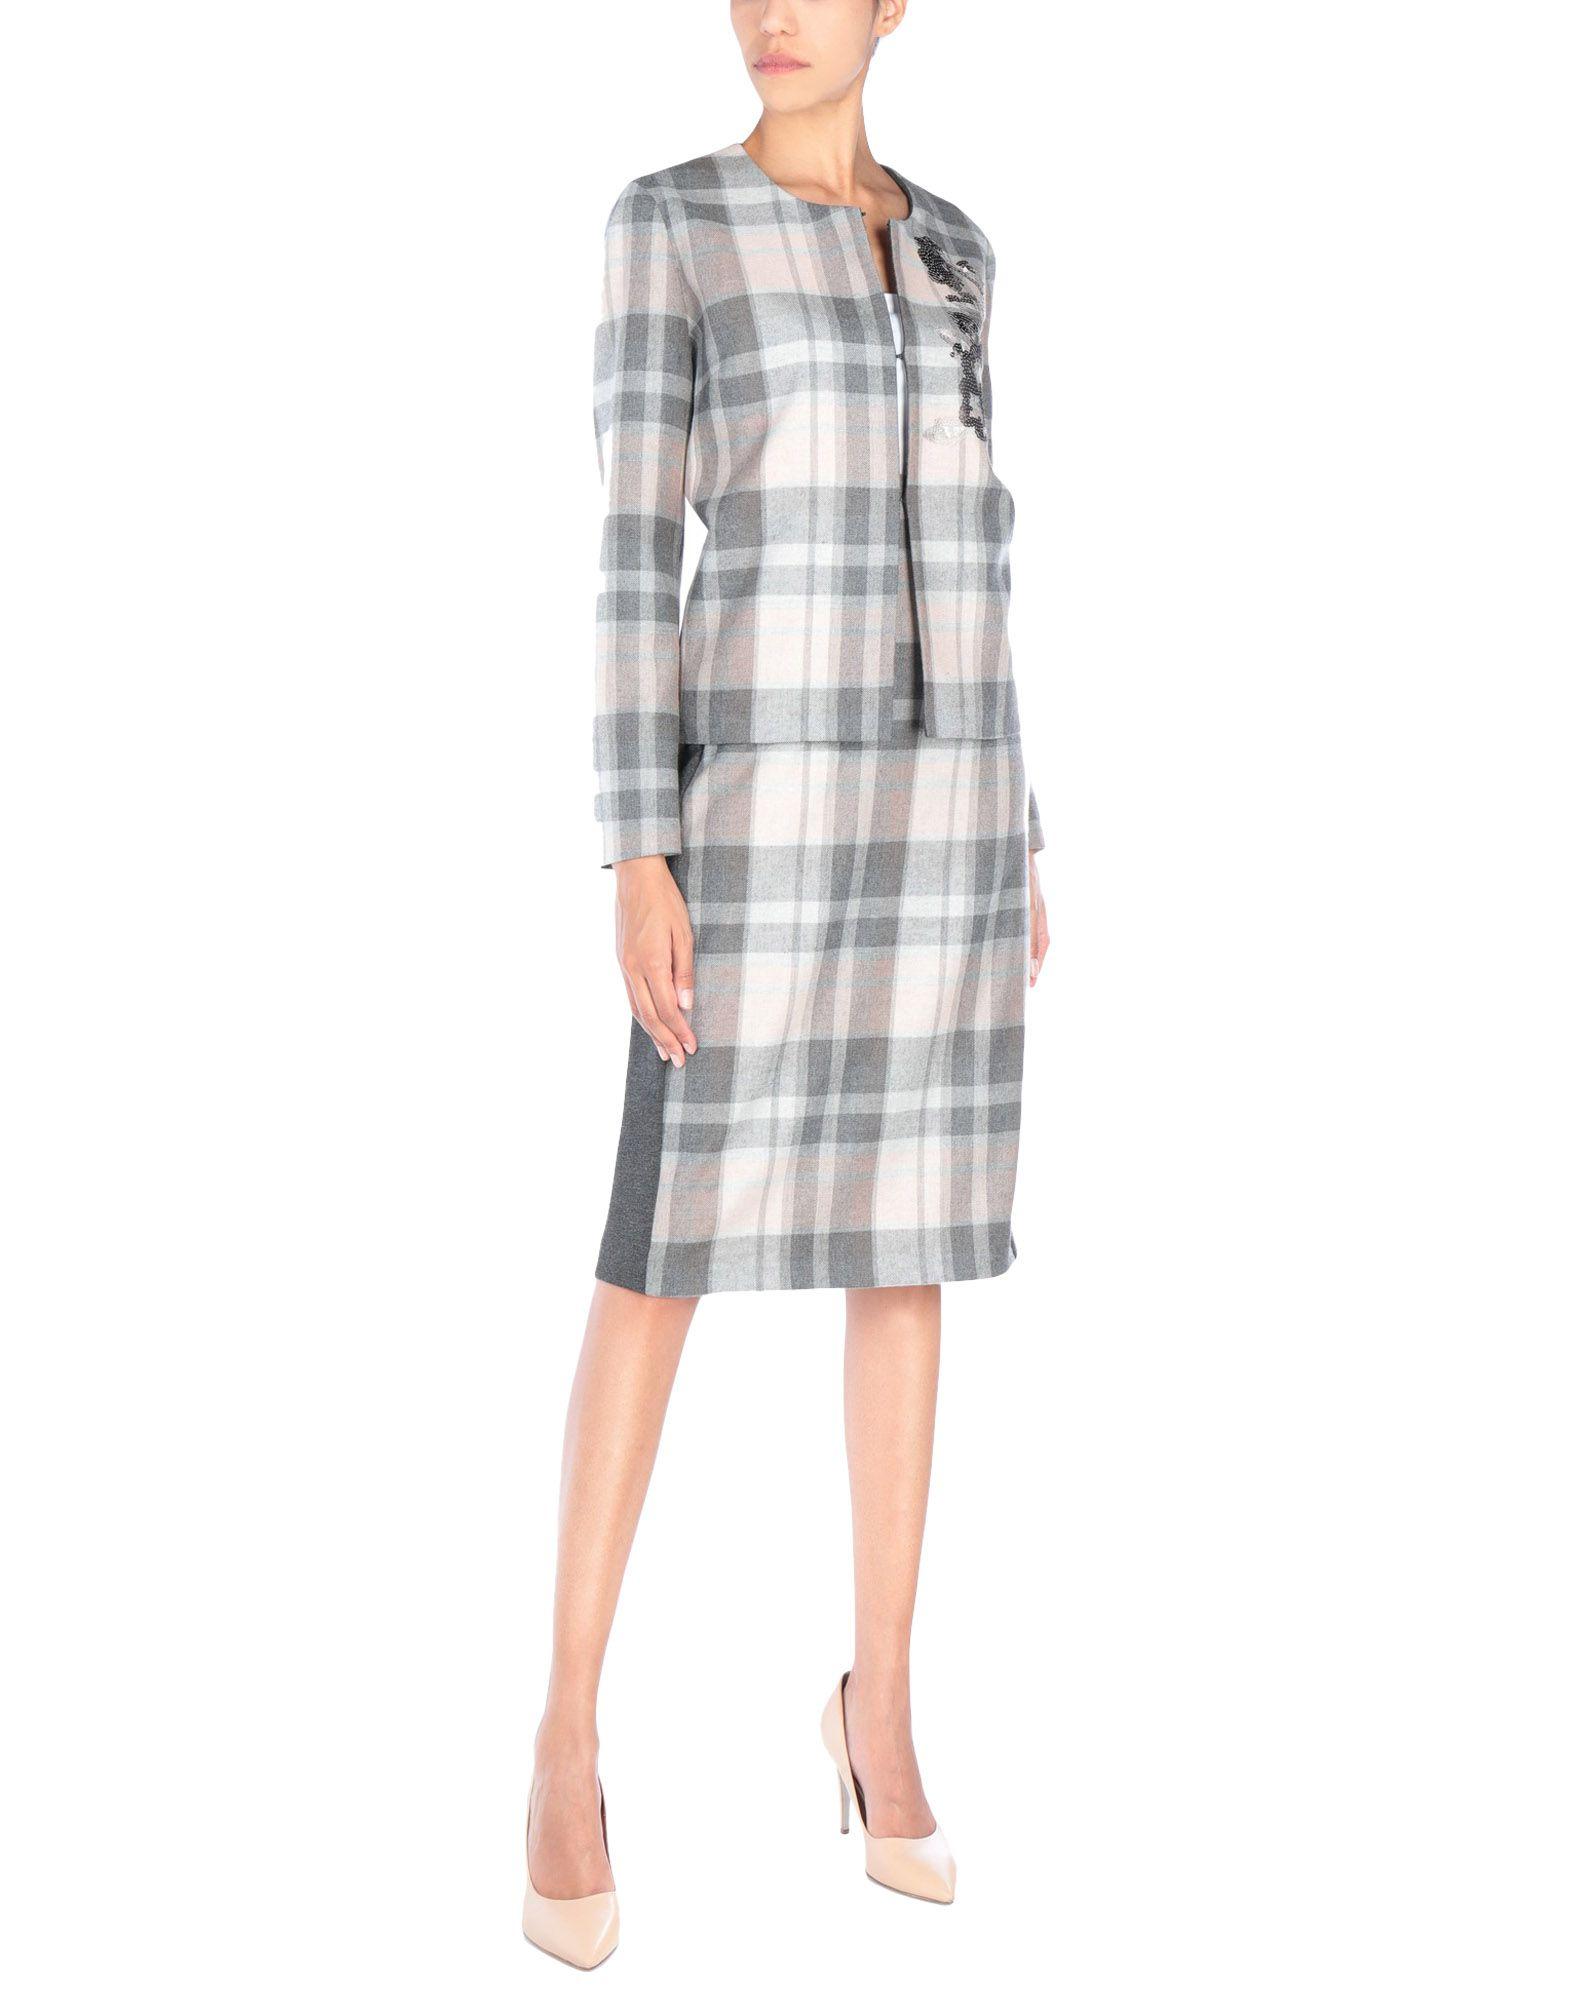 MARTA PALMIERI Классический костюм классический галстук аксессуар robe длинные tie костюм диагональные полосы терилен